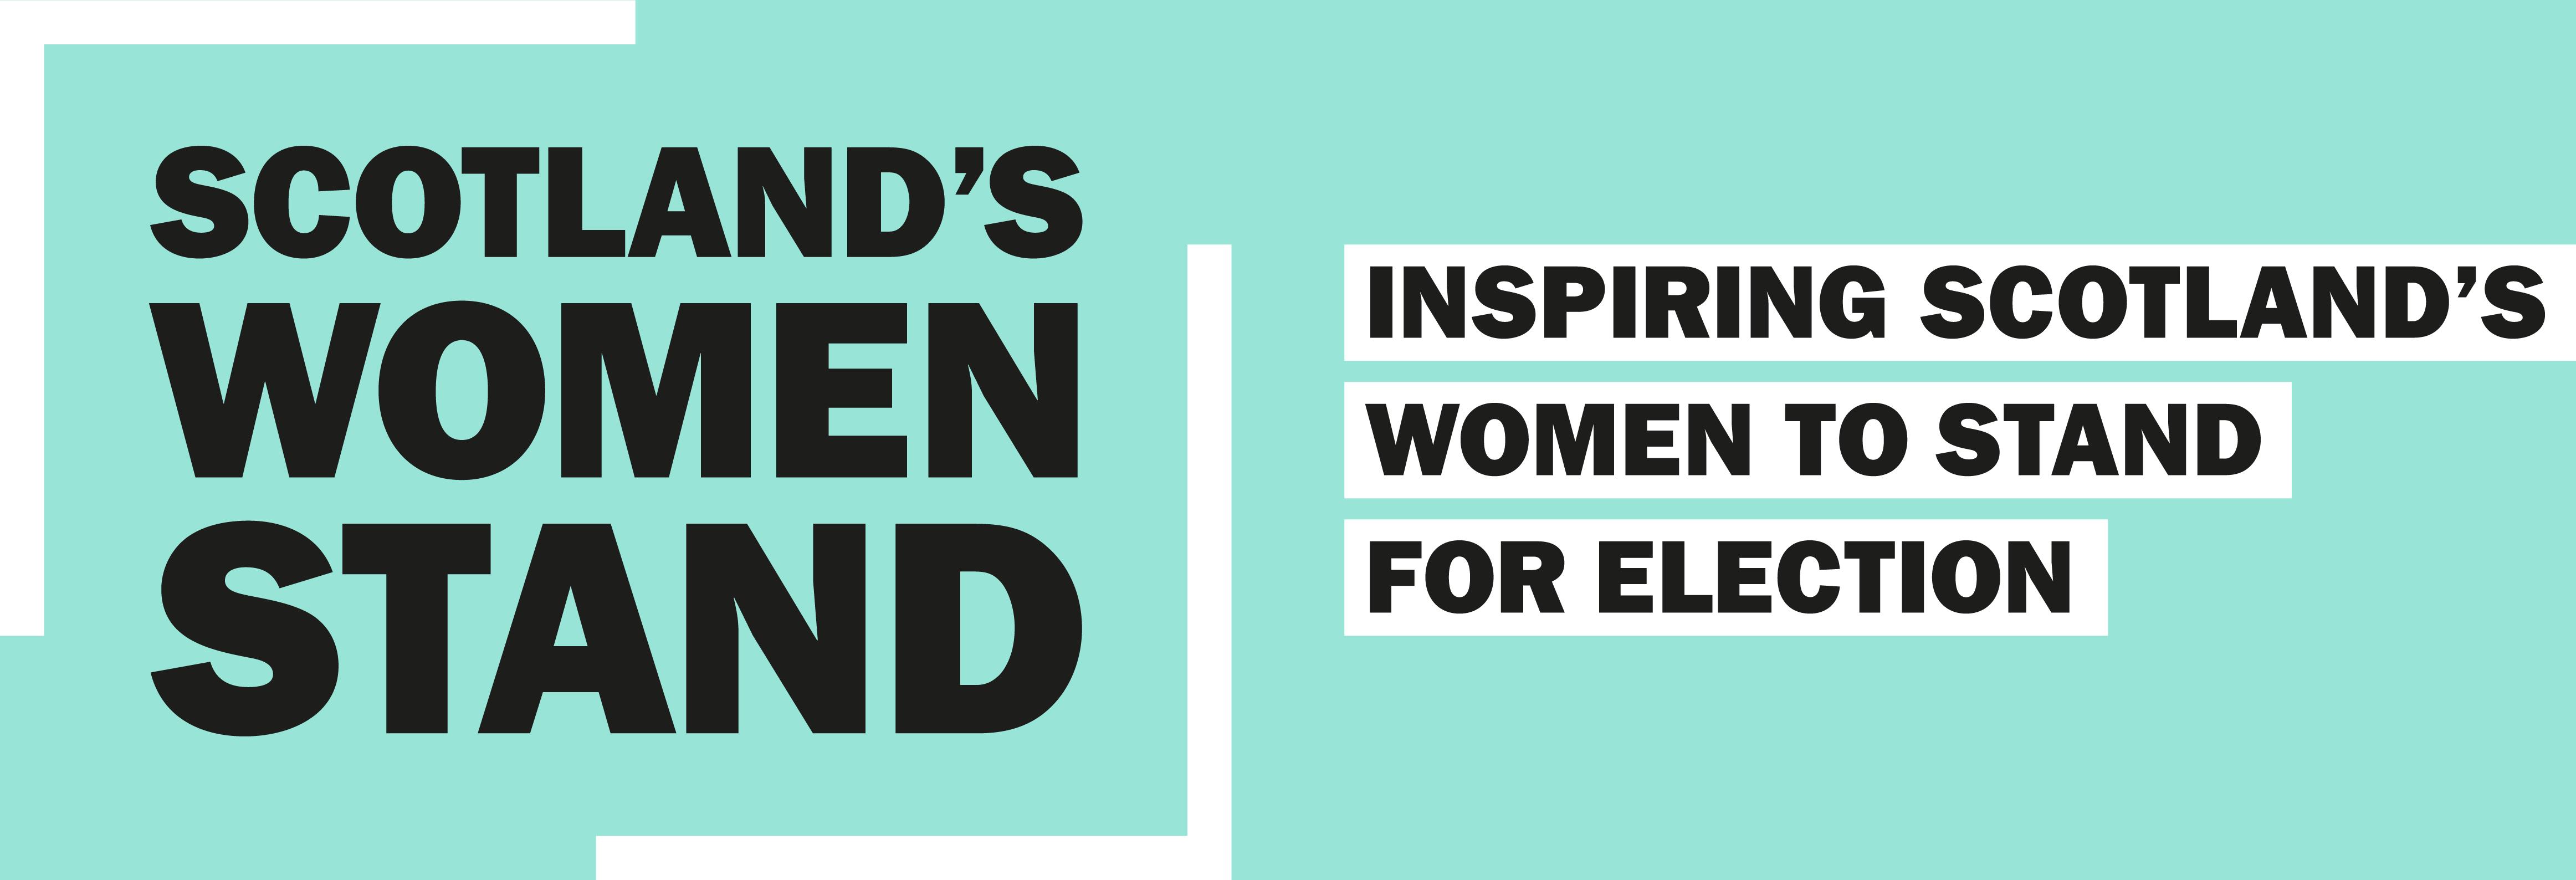 Scotland's Women Stand Logo - Inspiring Women